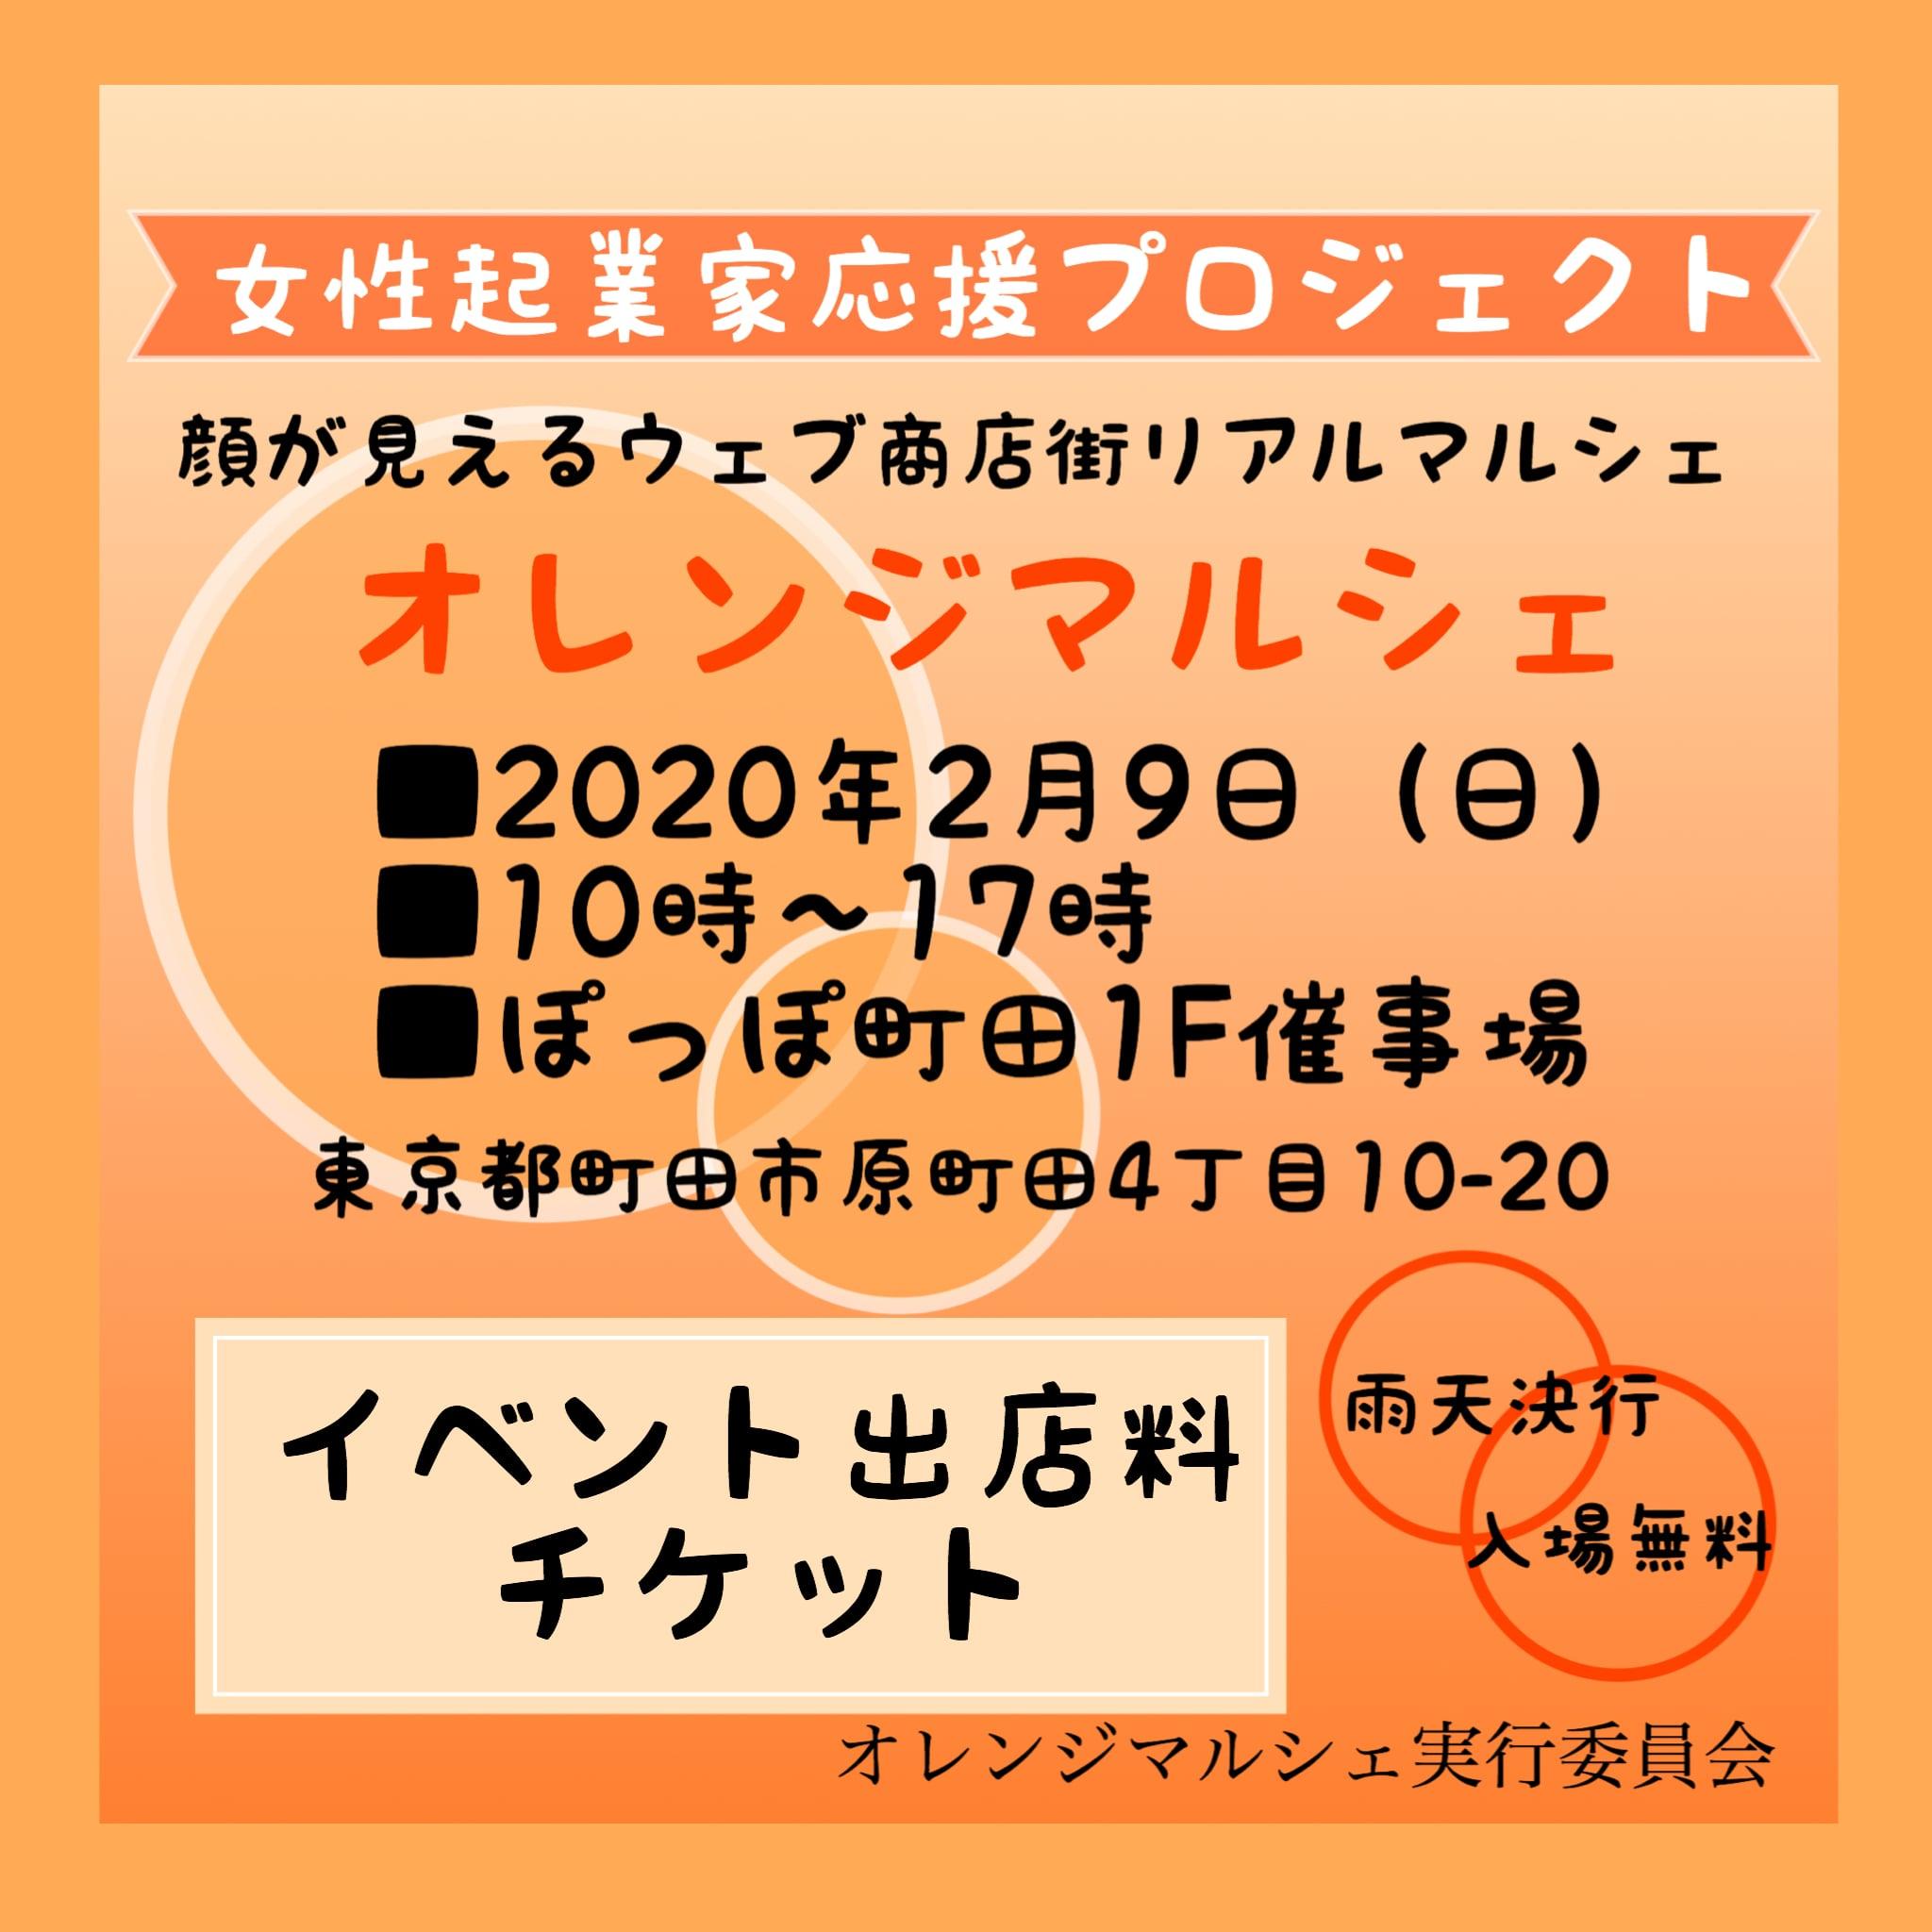 【一般出店者様専用】オレンジマルシェin町田イベント出店料のイメージその2